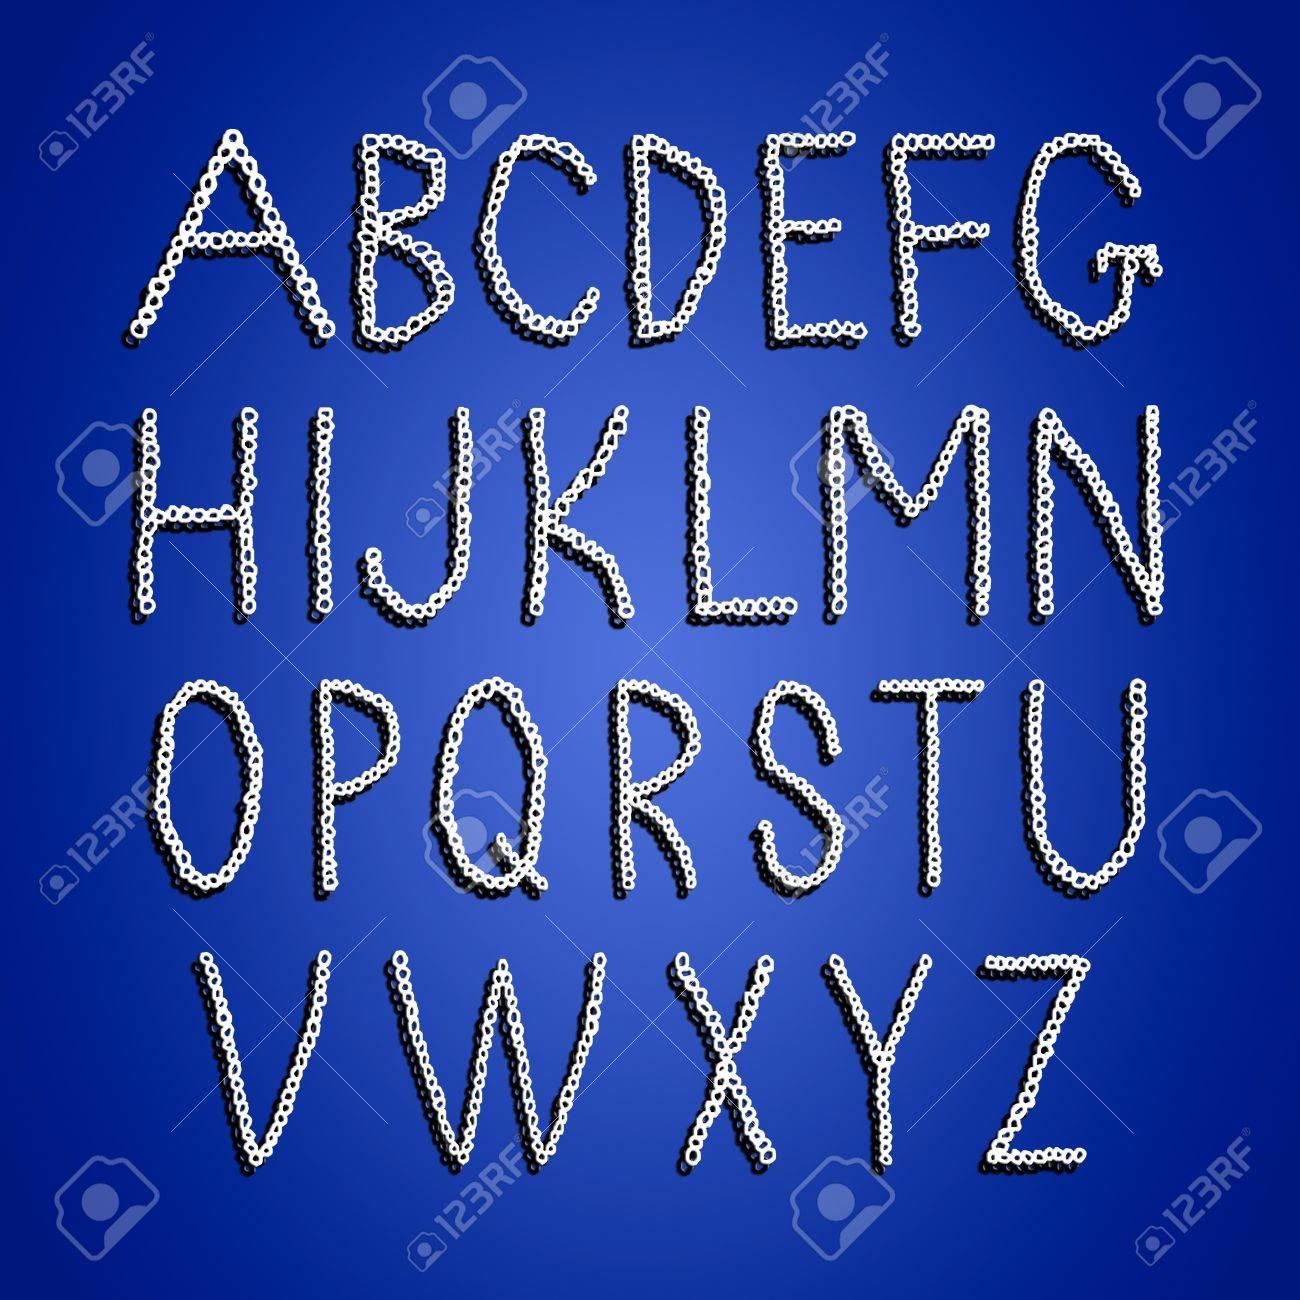 Häkeln Alphabet Buchstaben Isoliert In Weiß über Blau Lizenzfreie ...